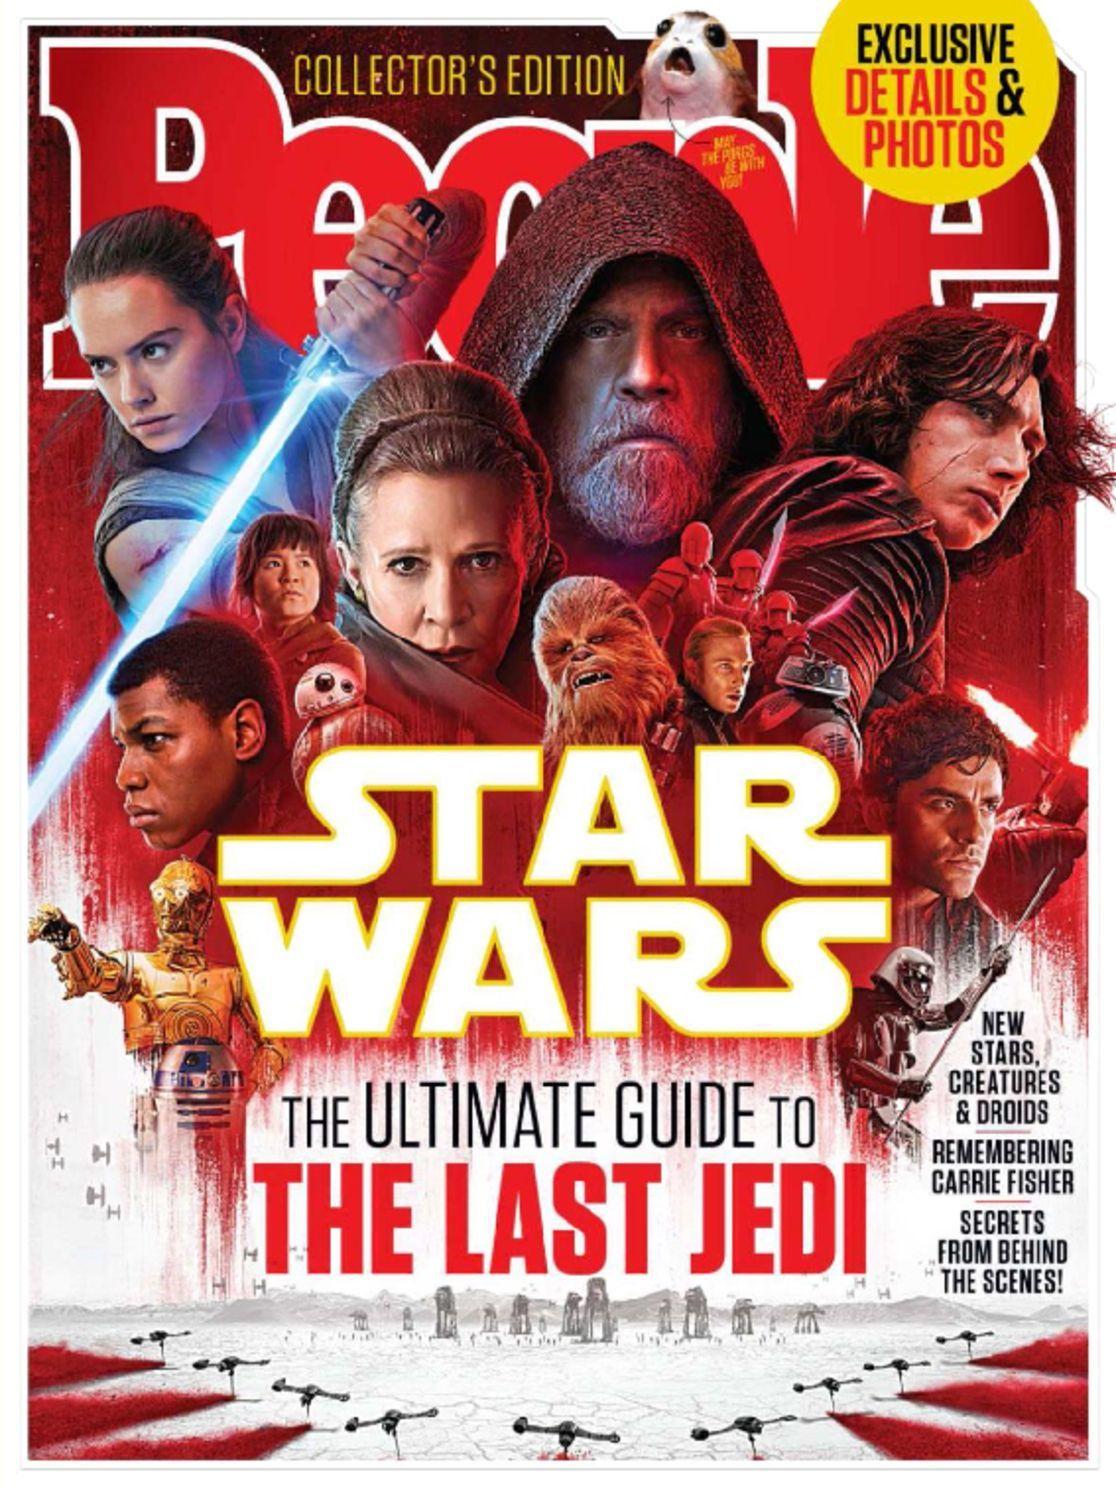 People Star Wars 2015 Digital